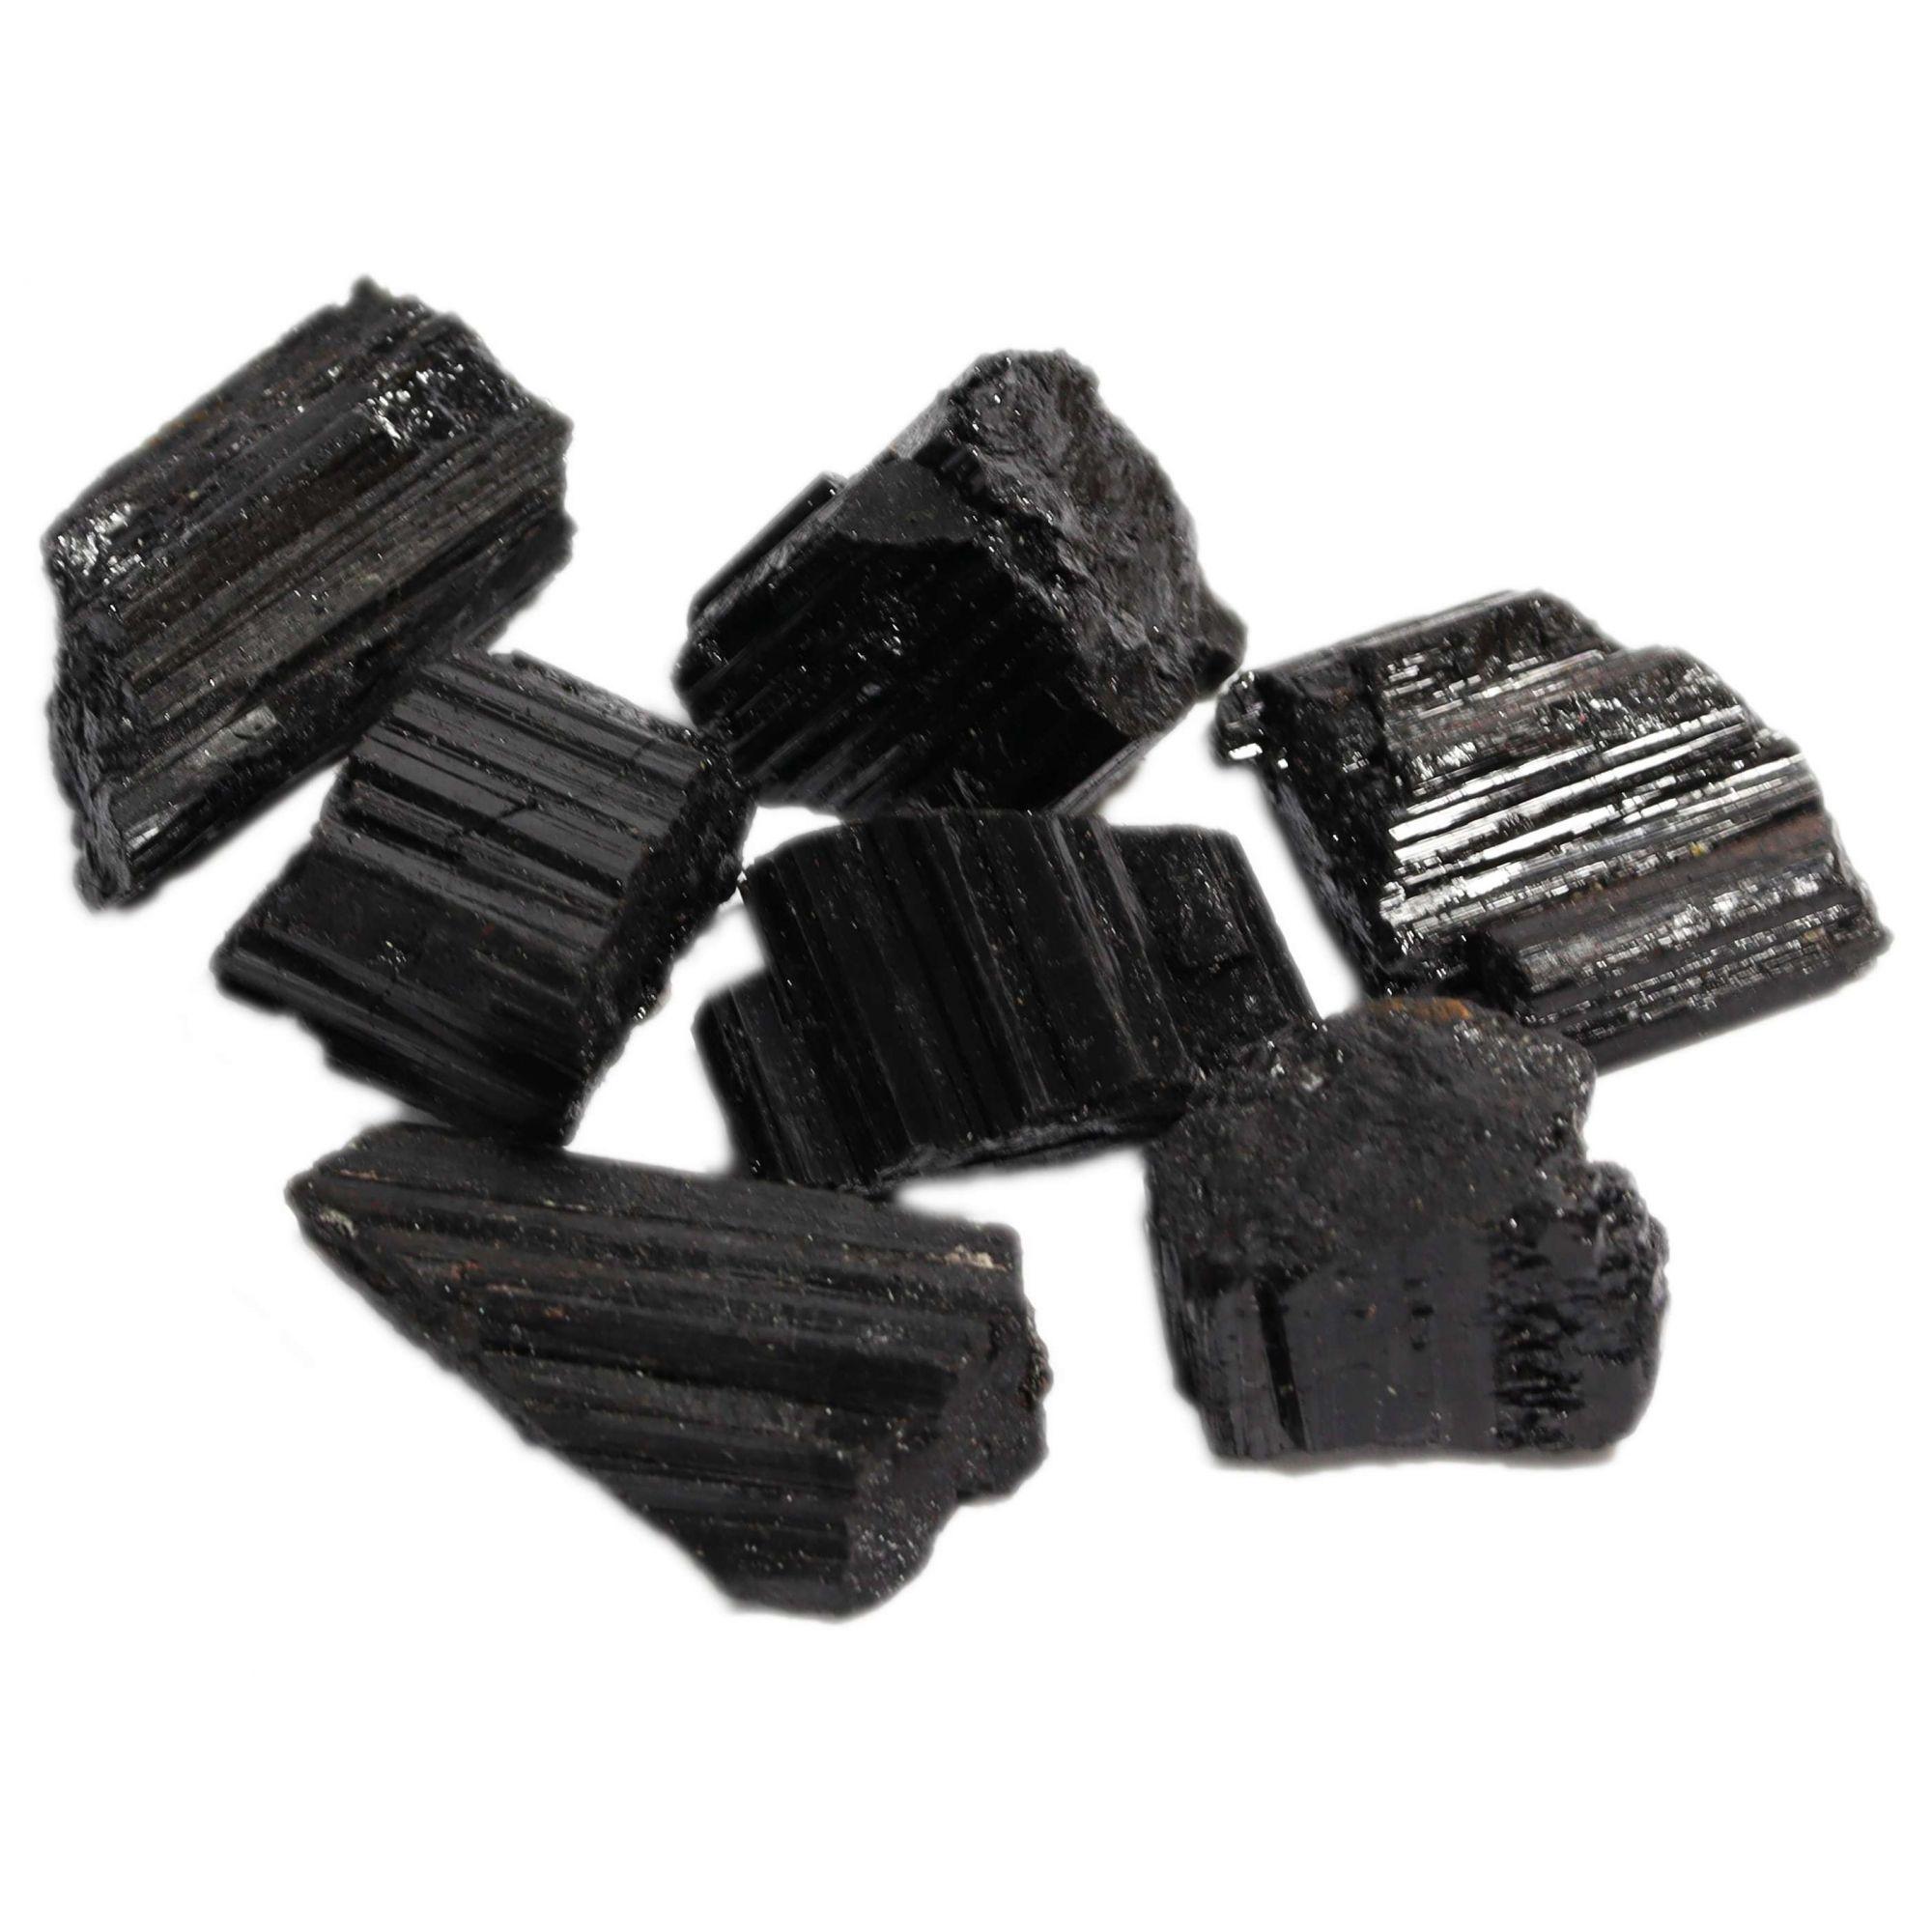 5 Unidades De Pedra Bruta Turmalina Negra Natural